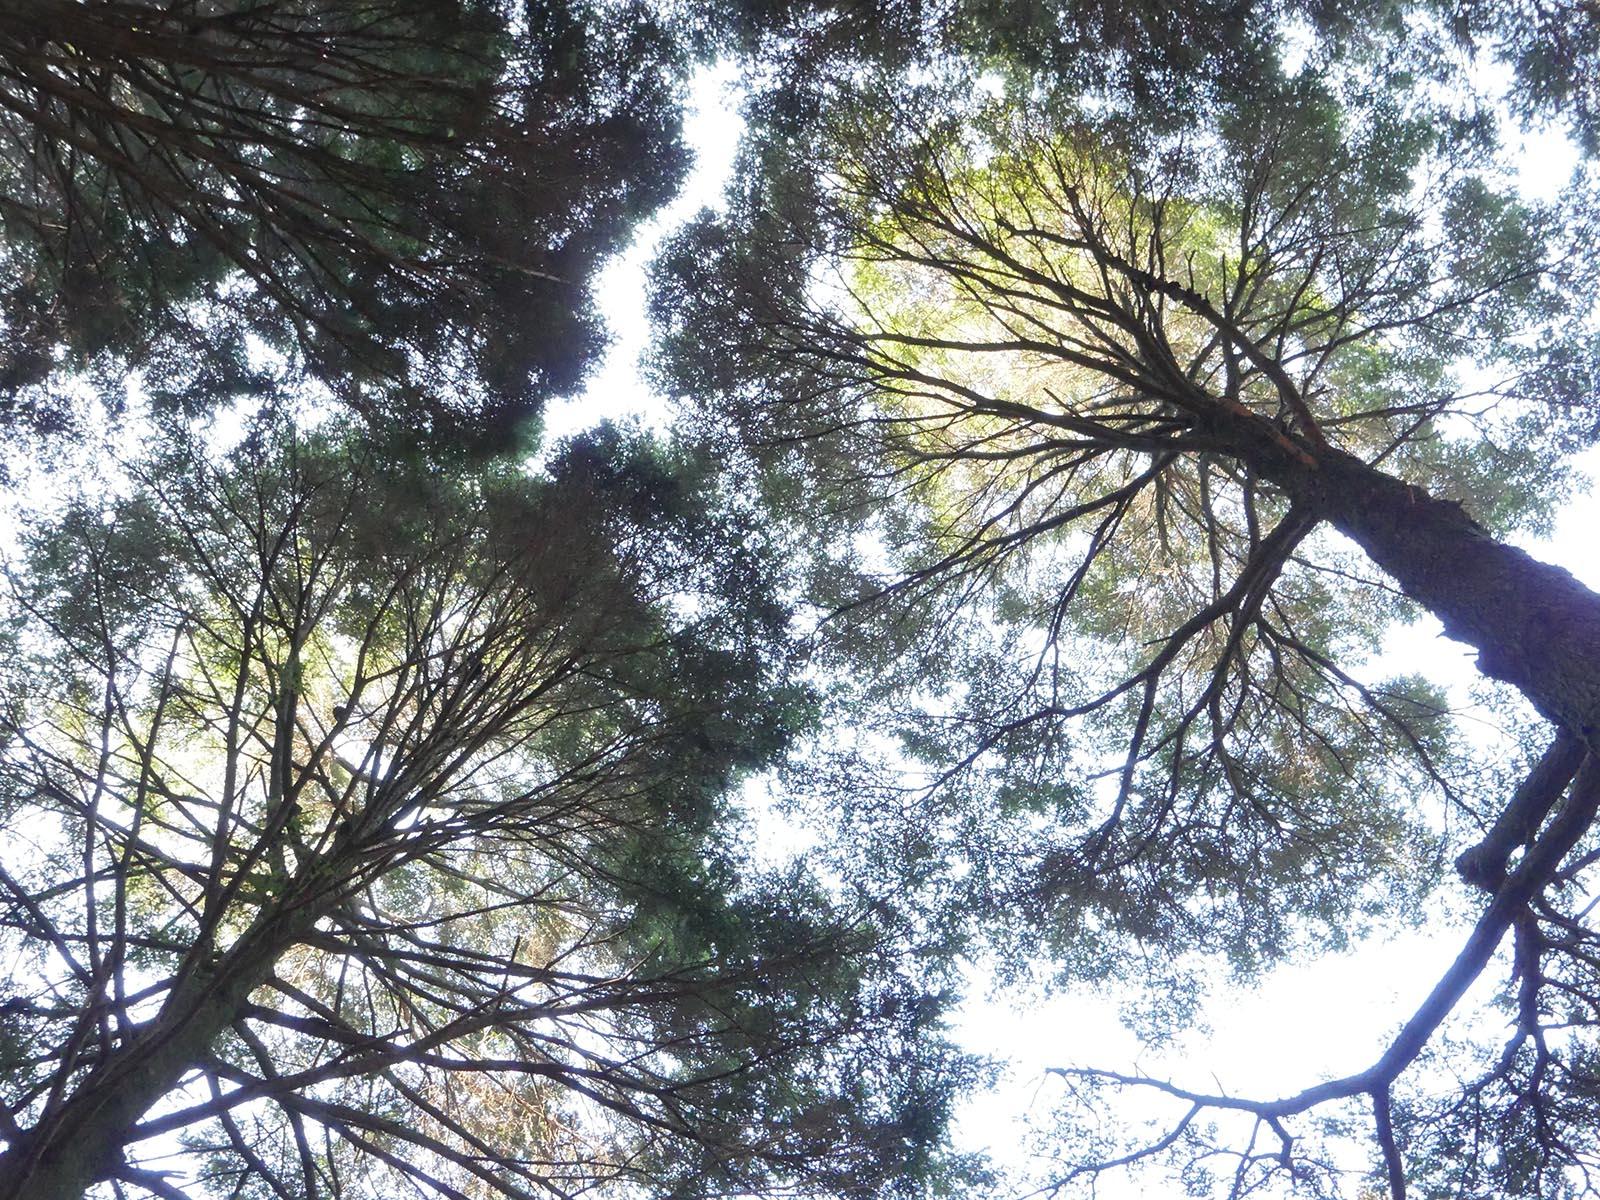 ツガの樹冠